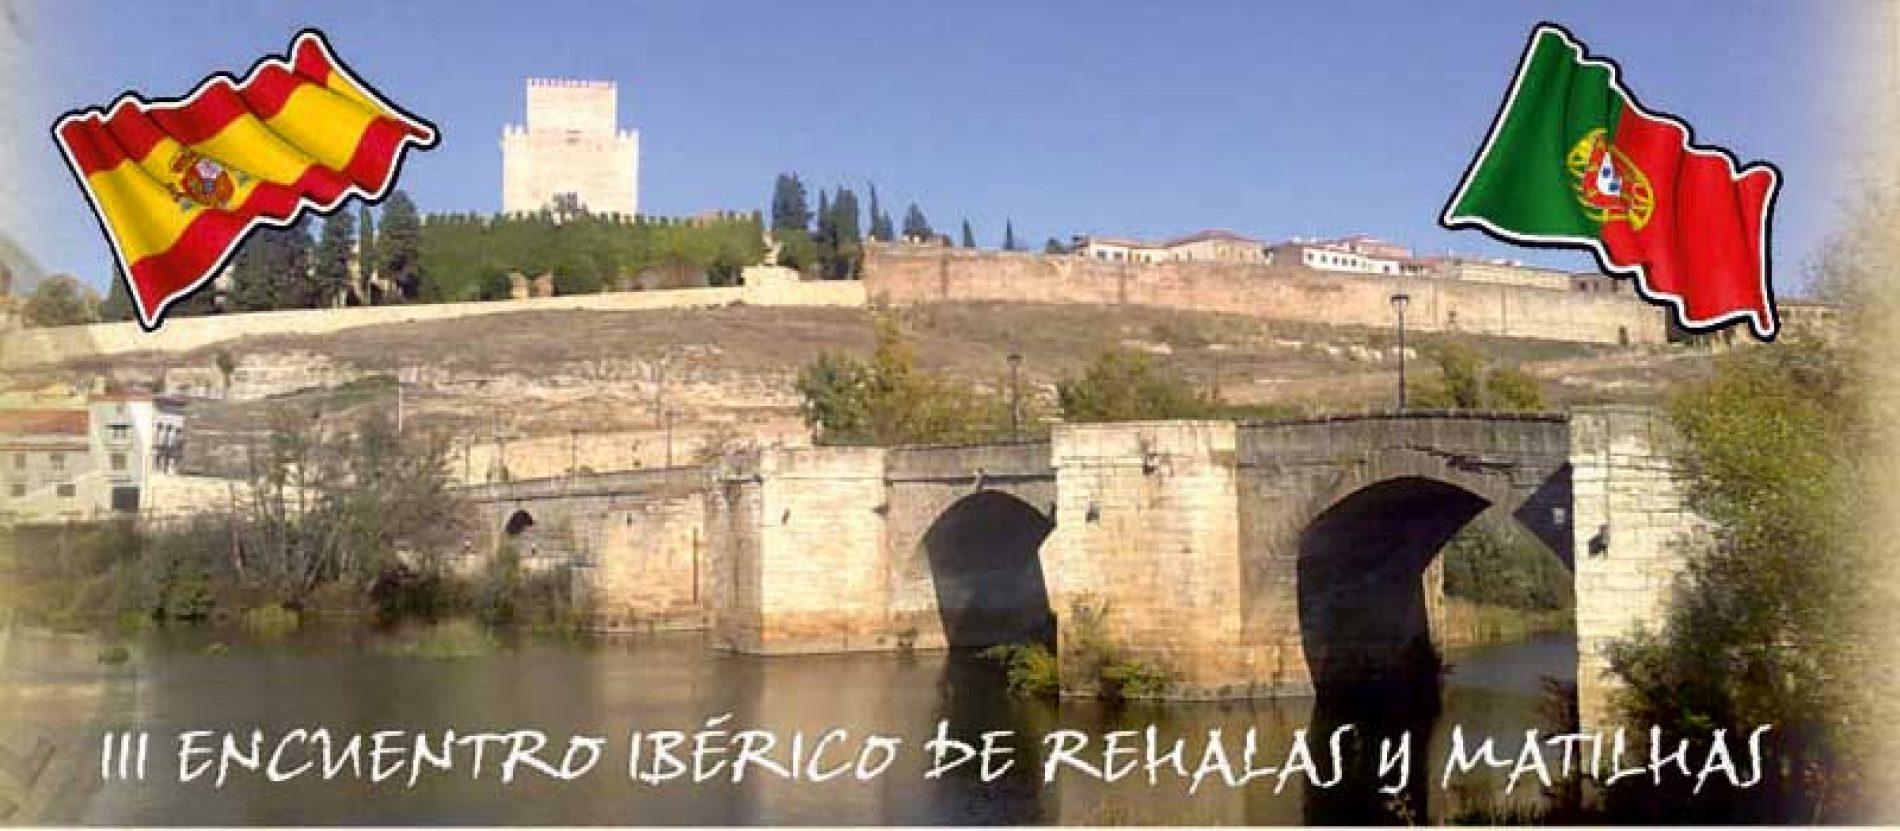 III Encuentro Ibérico de Rehalas y Matilhas  en Ciudad Rodrigo